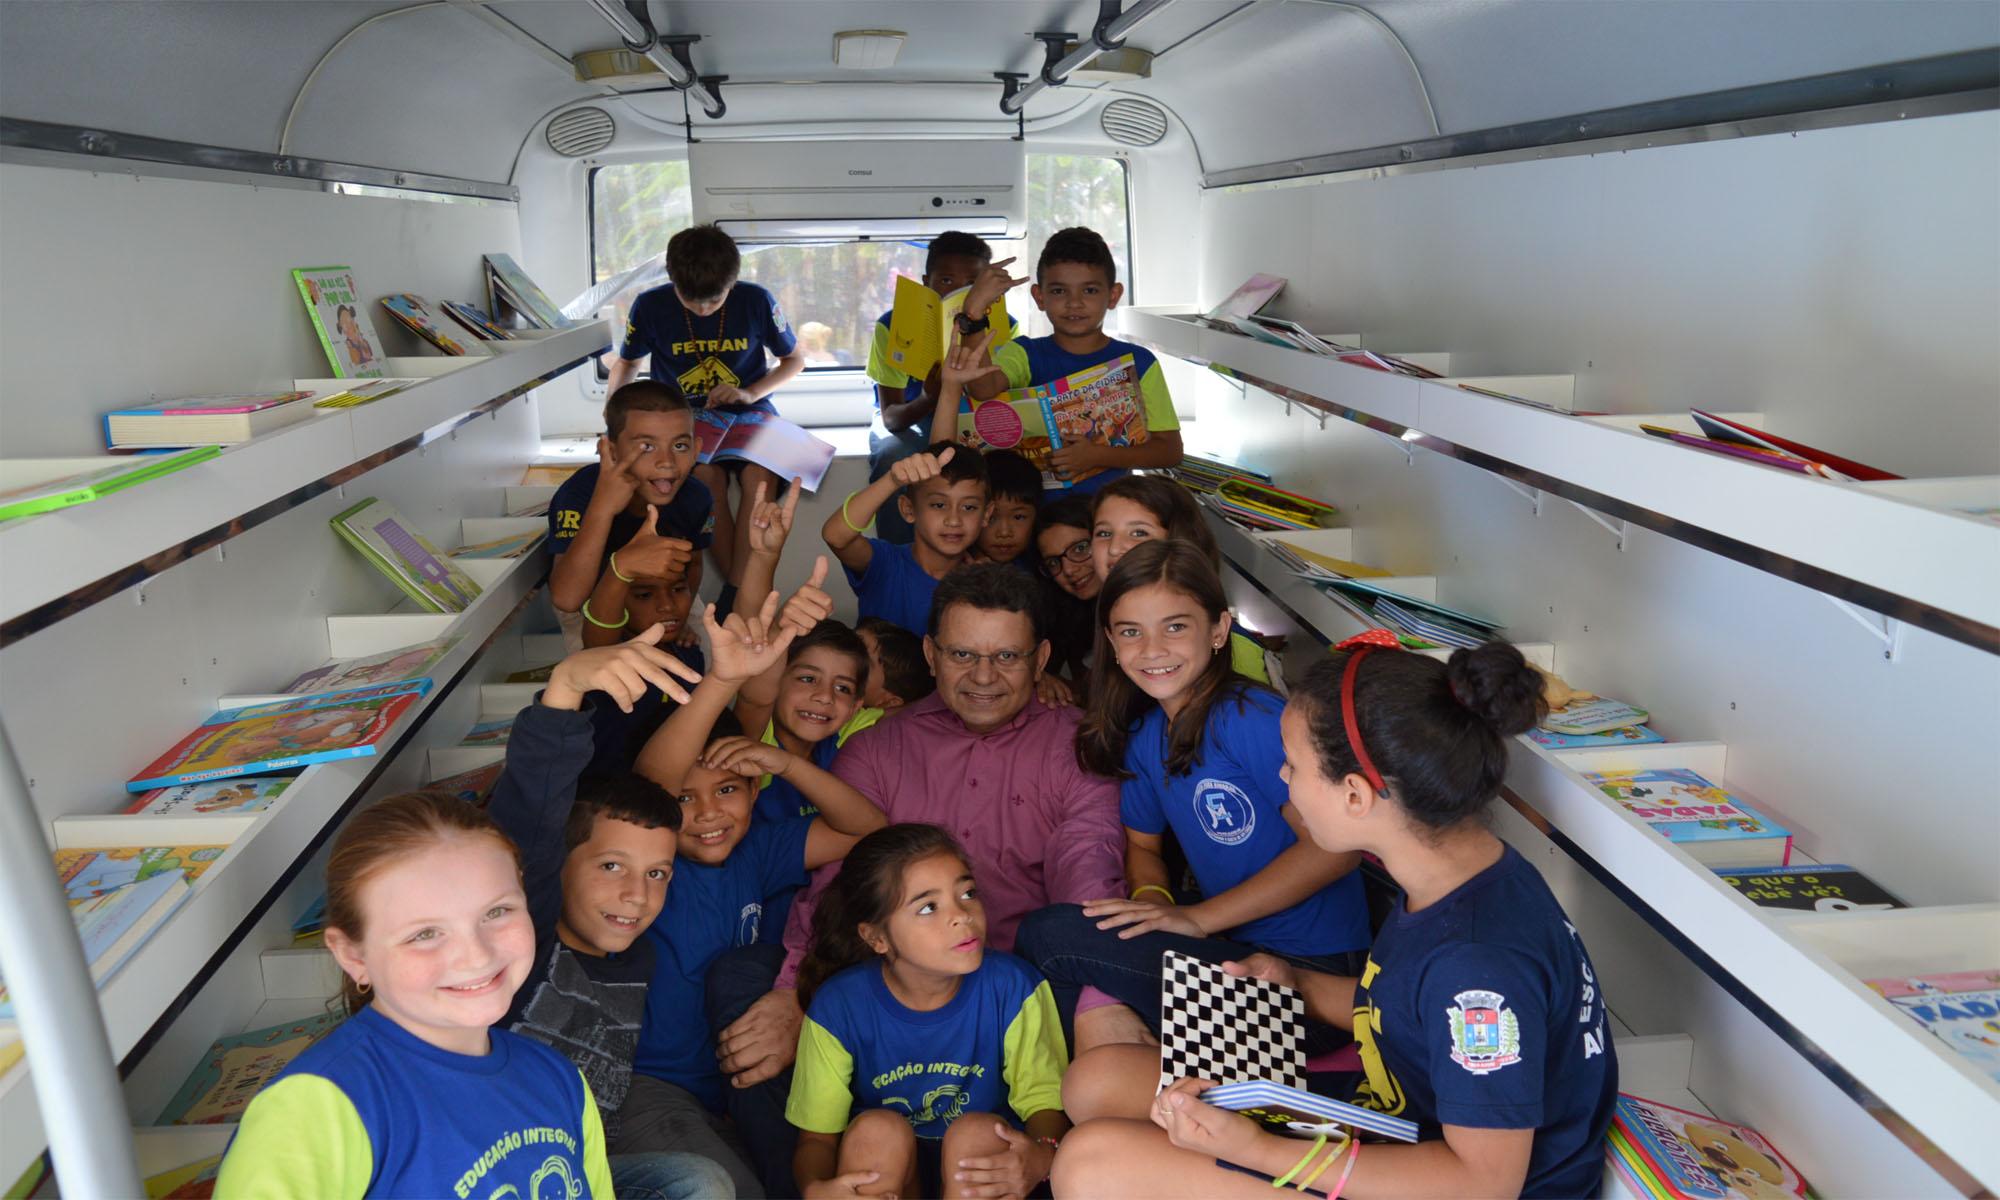 Ônibus é adaptado para leitura e atividades recreativas (Foto: Divulgação/Prefeitura de Pouso Alegre)